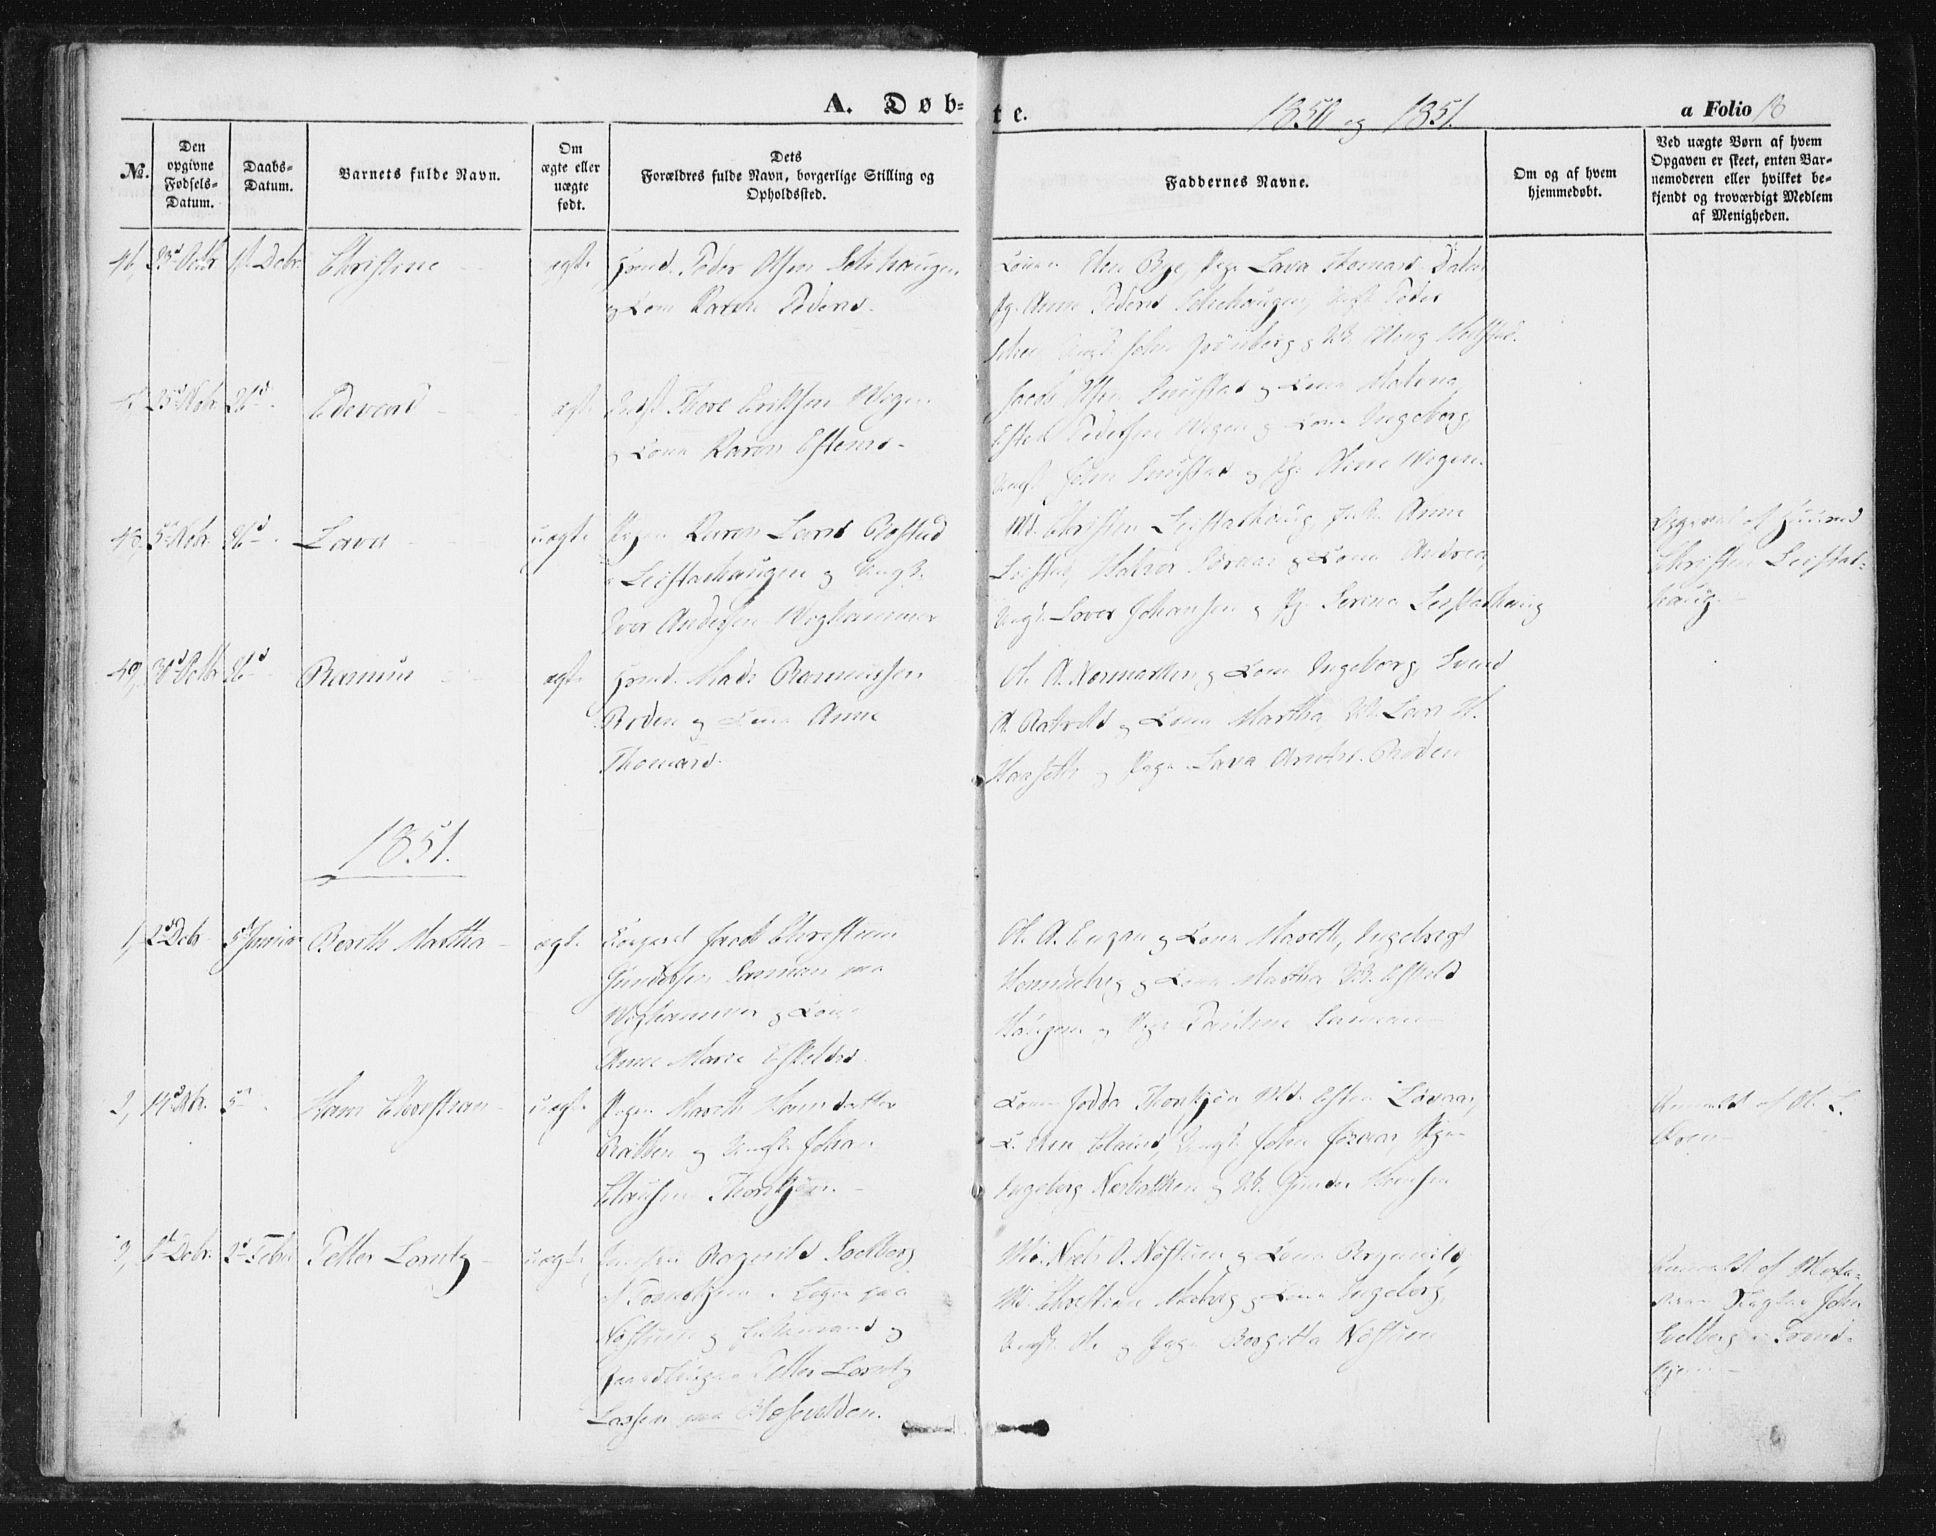 SAT, Ministerialprotokoller, klokkerbøker og fødselsregistre - Sør-Trøndelag, 616/L0407: Ministerialbok nr. 616A04, 1848-1856, s. 18